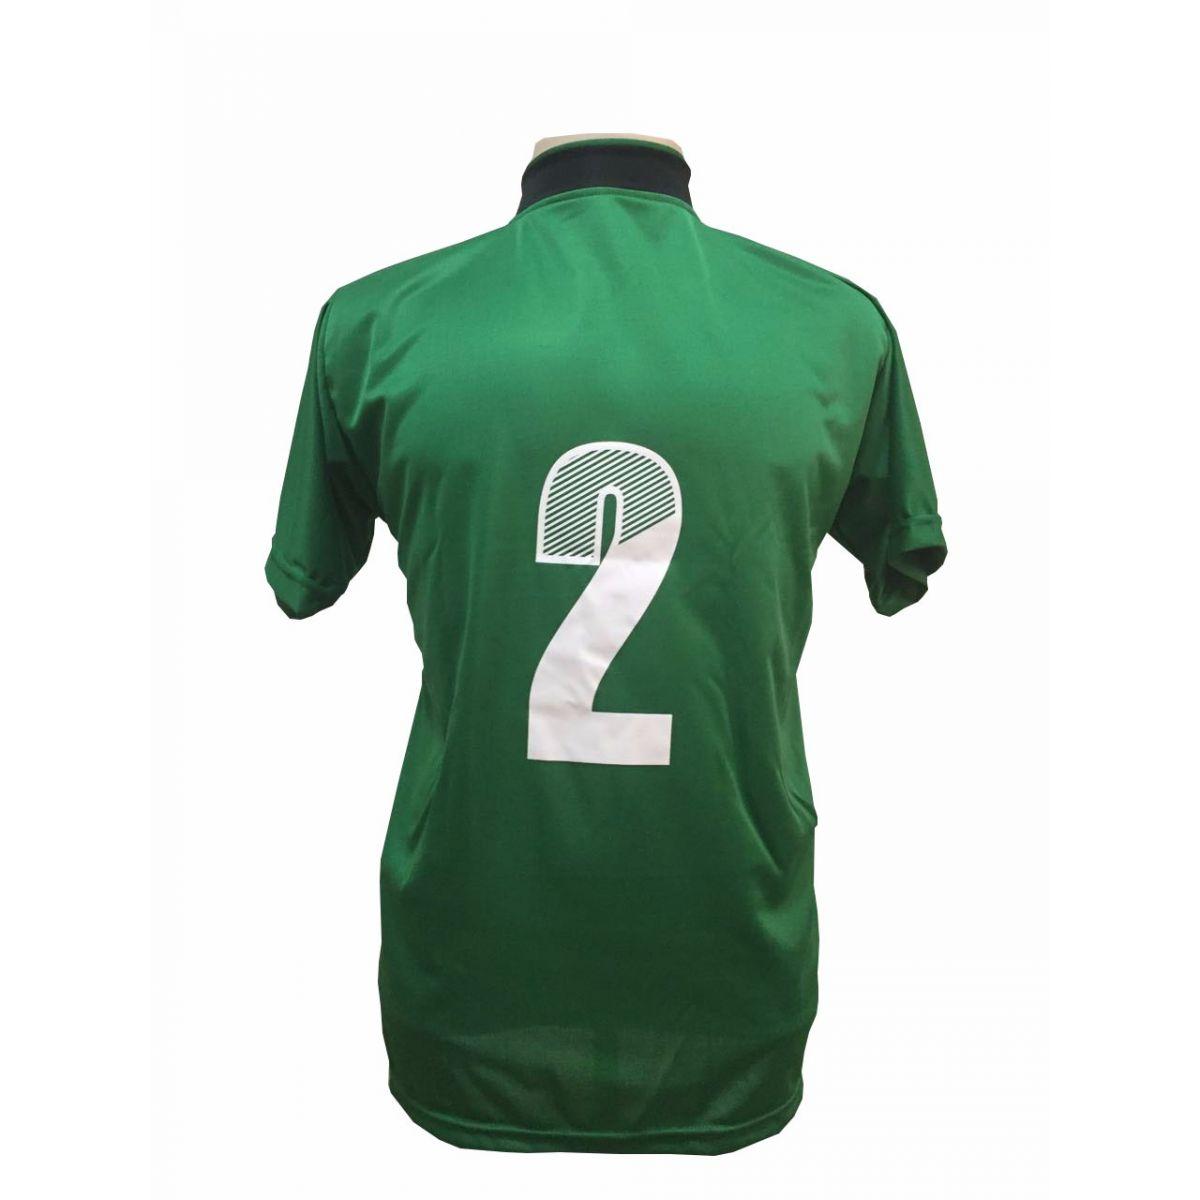 Uniforme Esportivo com 14 camisas modelo Palermo Verde/Preto + 14 calções modelo Madrid Verde + Brindes